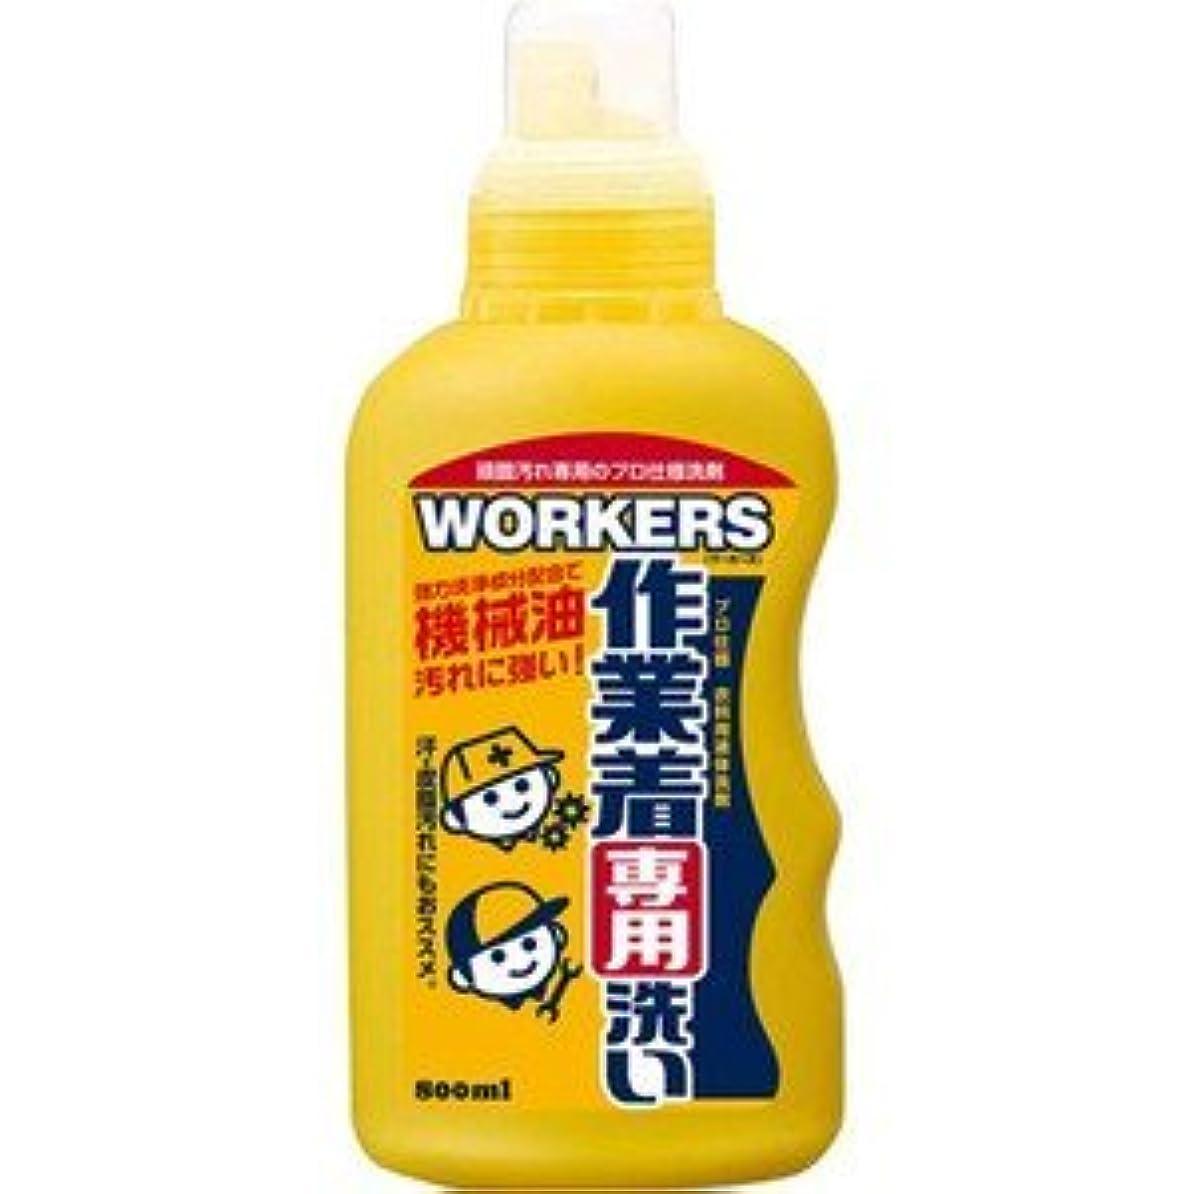 定説識別するリム(NSファーファ?ジャパン)WORKERS 作業着液体洗剤 本体 800ml